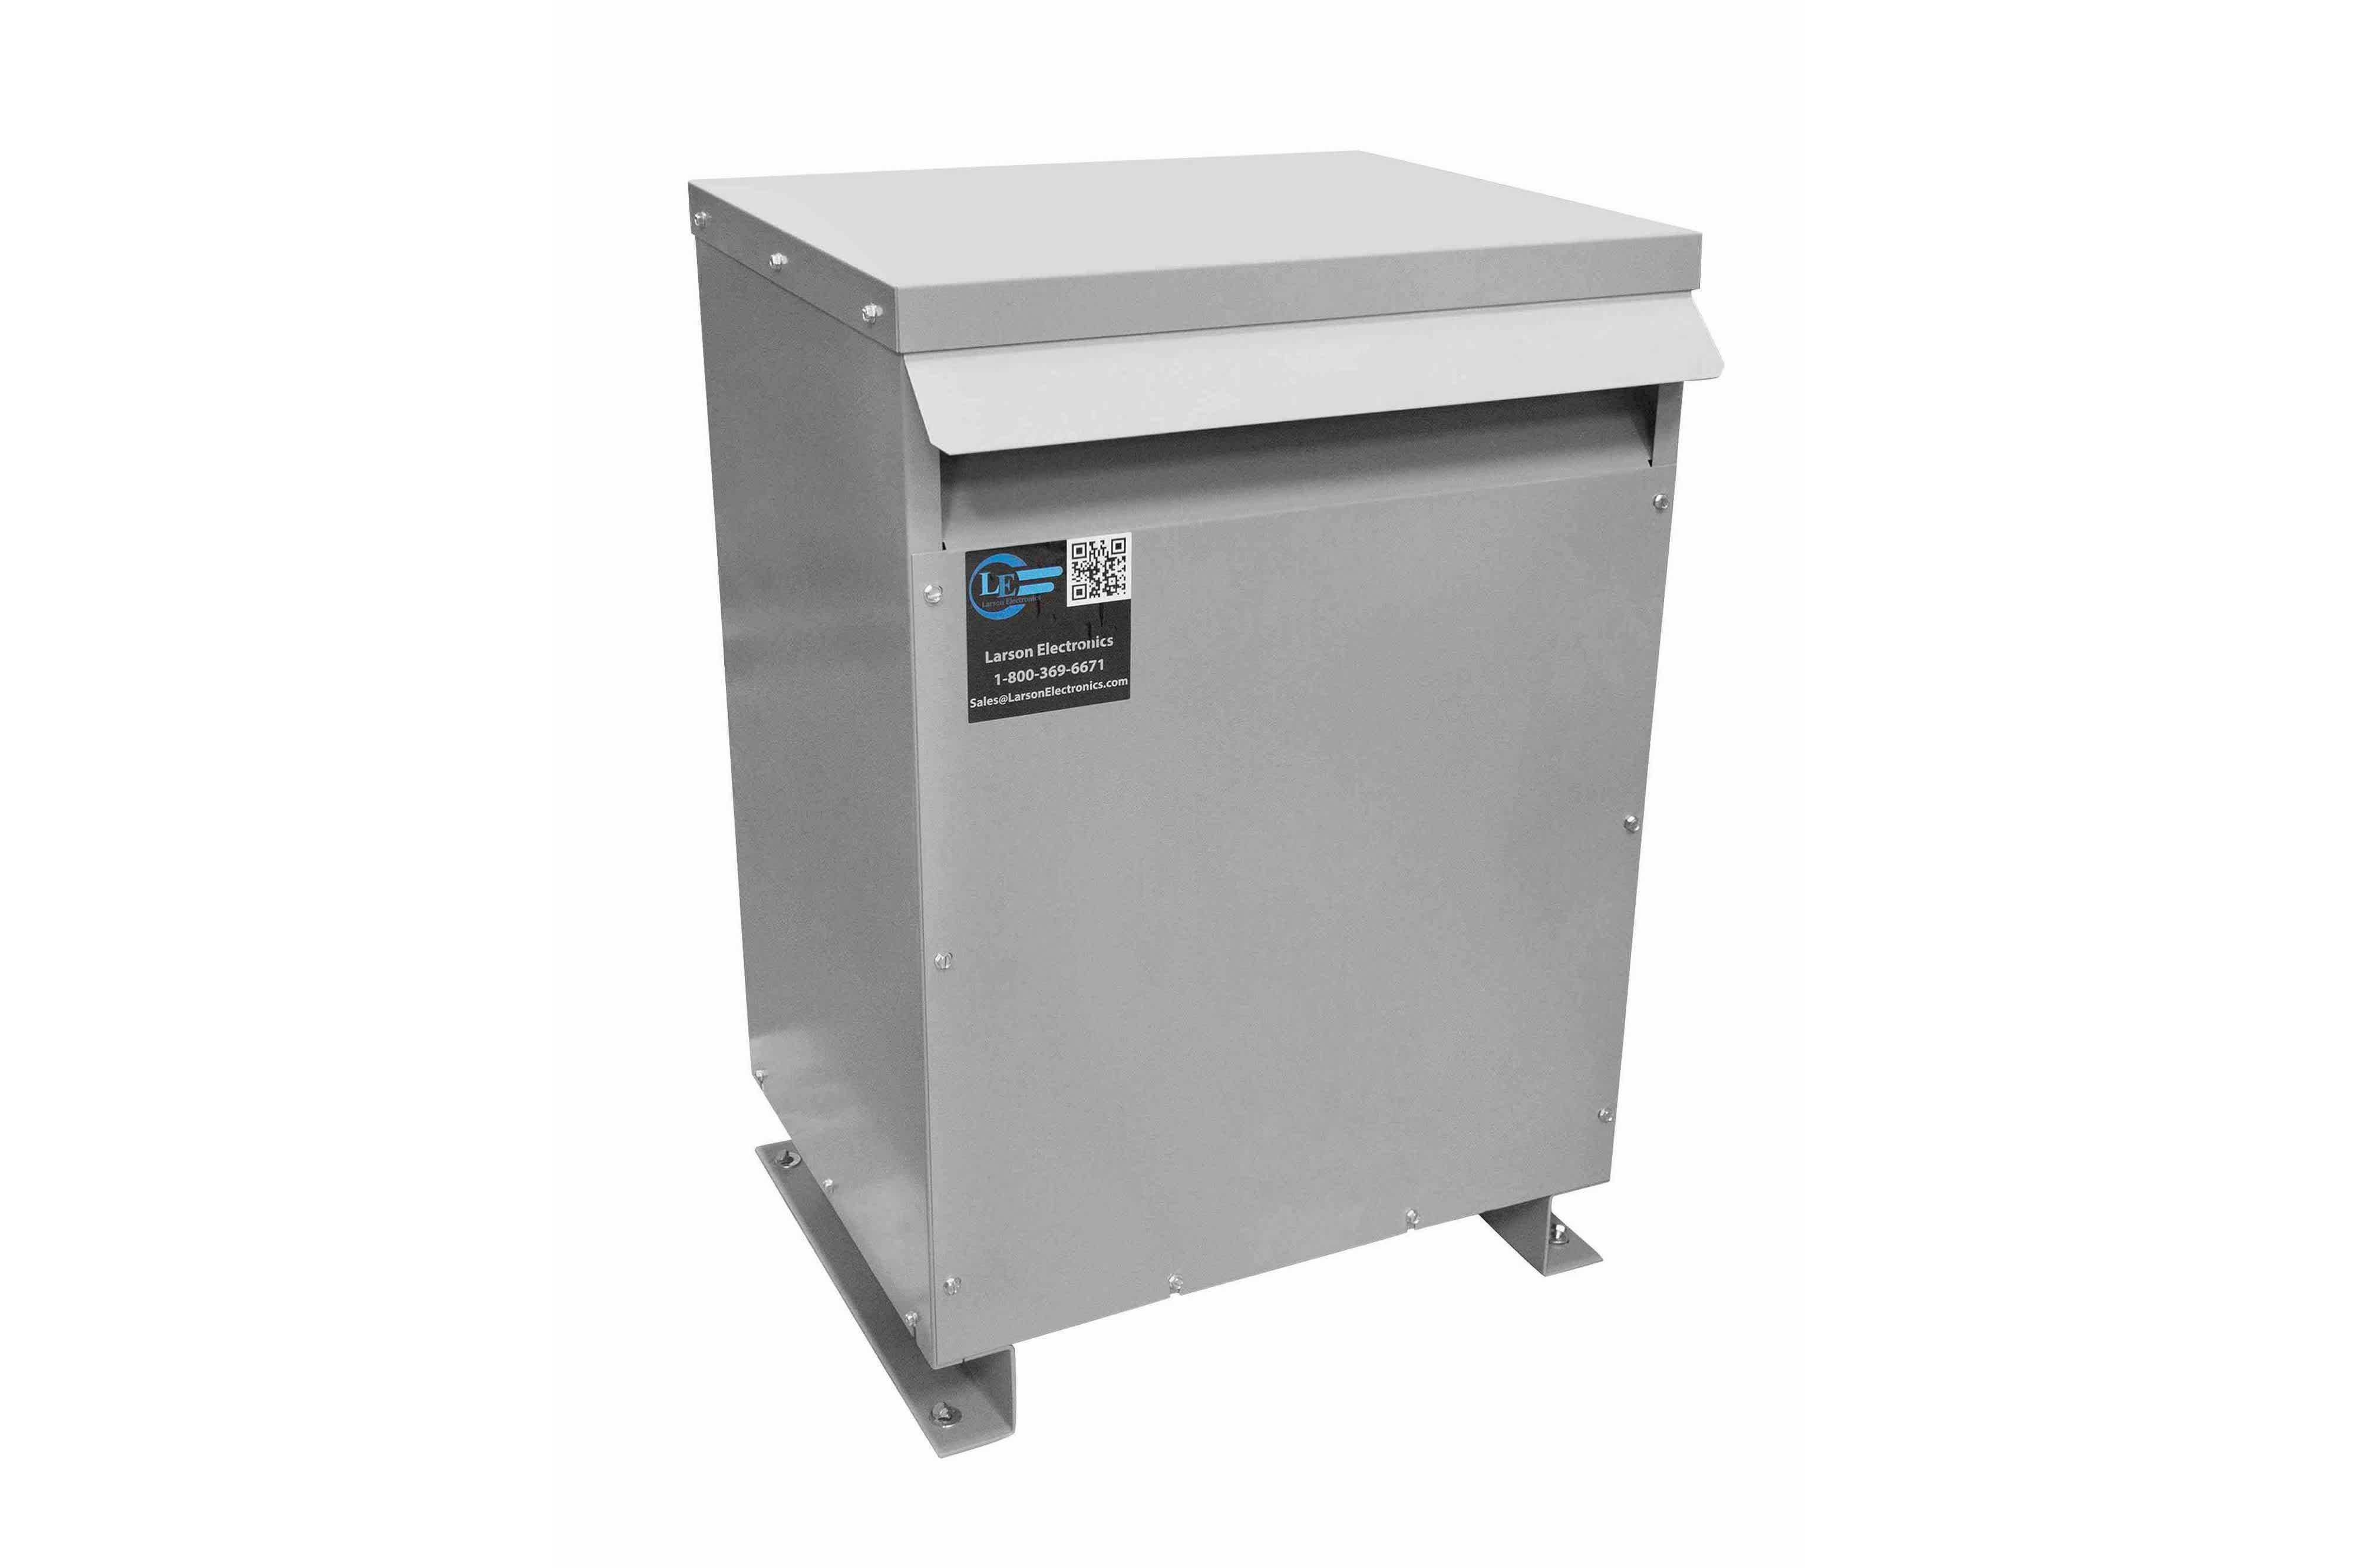 18 kVA 3PH Isolation Transformer, 208V Delta Primary, 600V Delta Secondary, N3R, Ventilated, 60 Hz